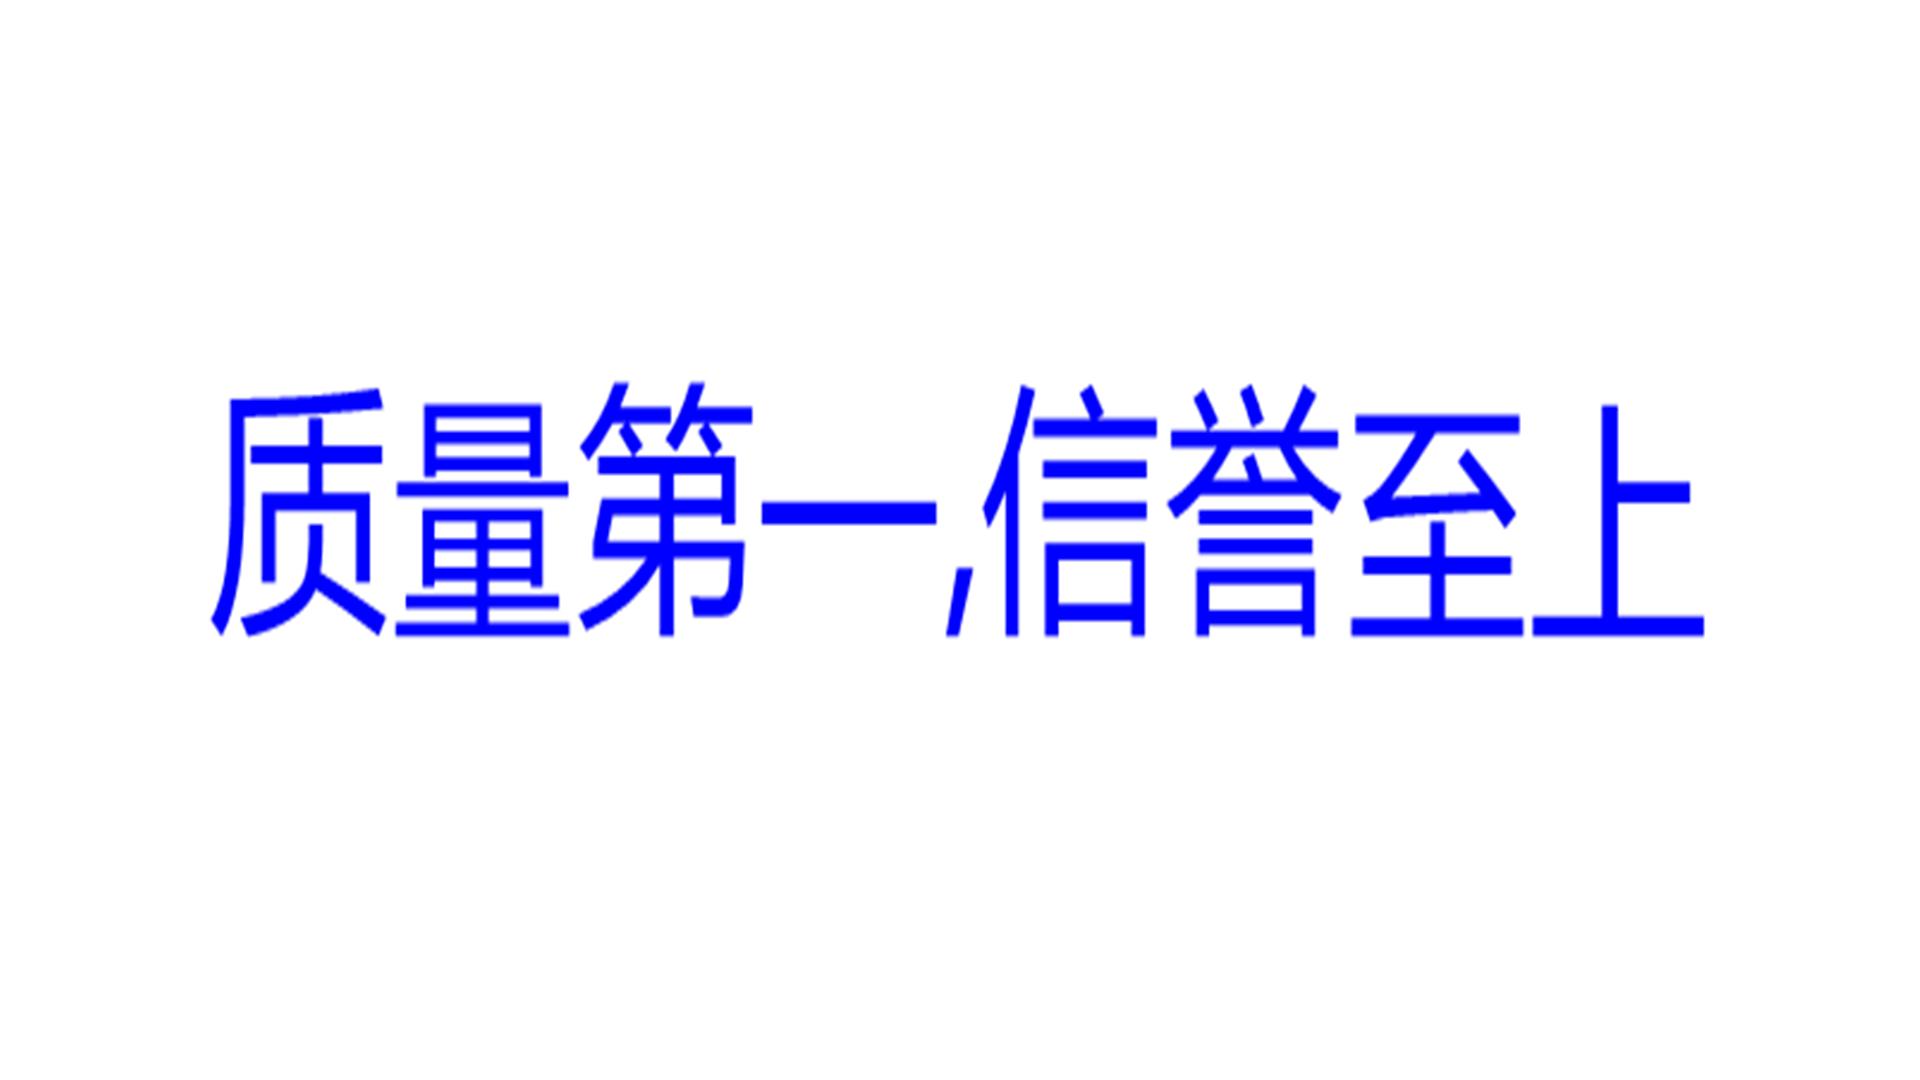 宁夏大地璀璨之星—安徽百特